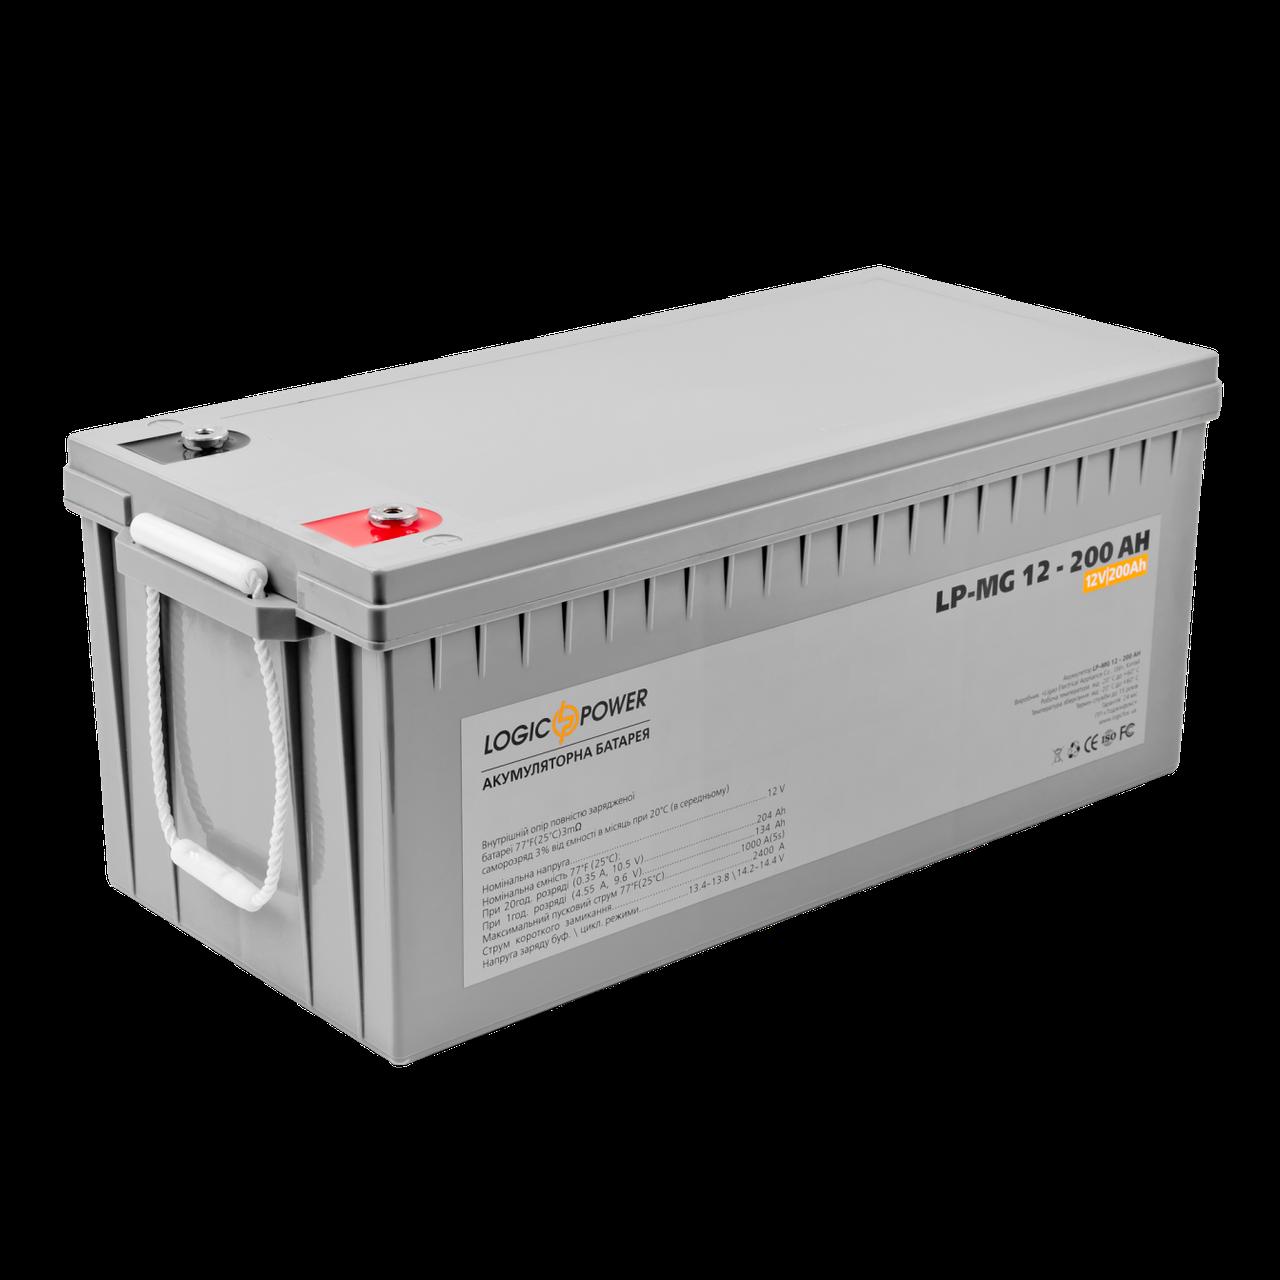 Аккумулятор мультигелевый AGM LogicPower LP-MG 12 - 200 AH